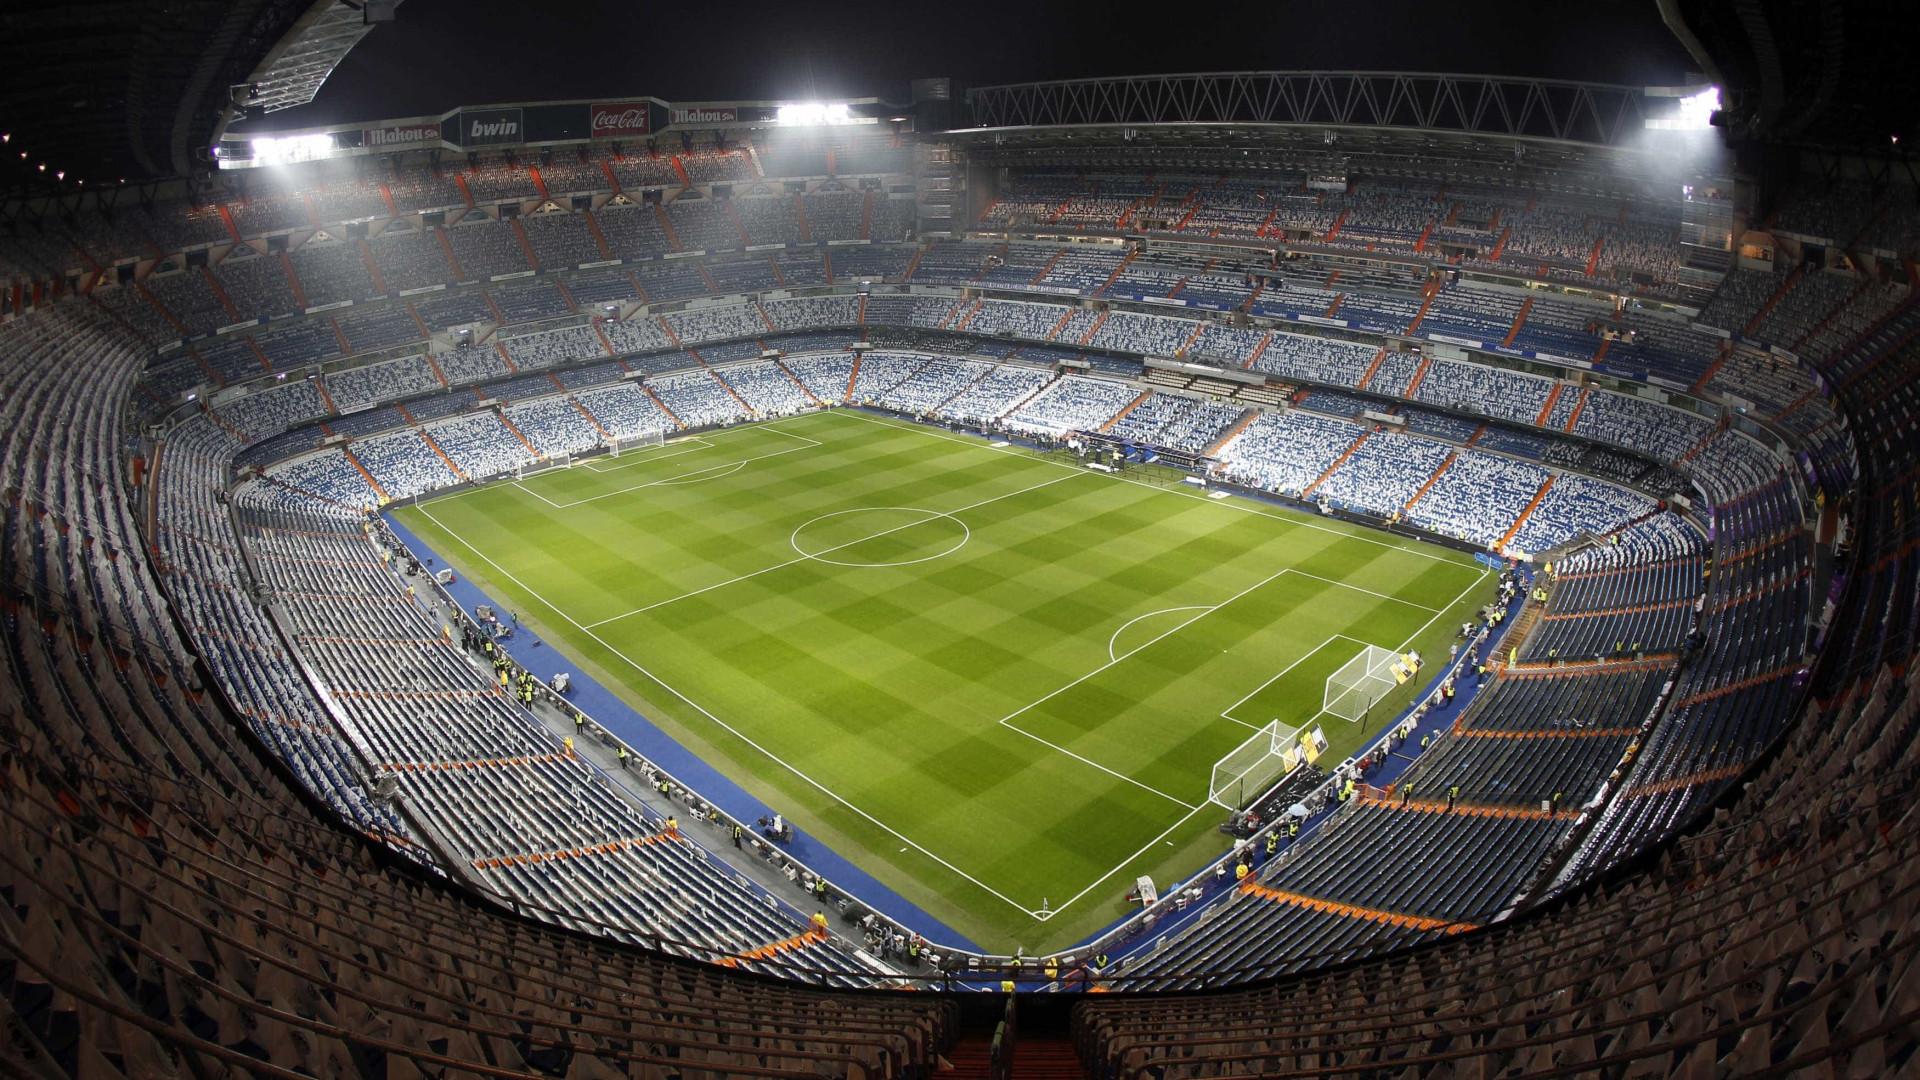 Juan Mata pode reforçar o Real Madrid em janeiro, diz jornal inglês